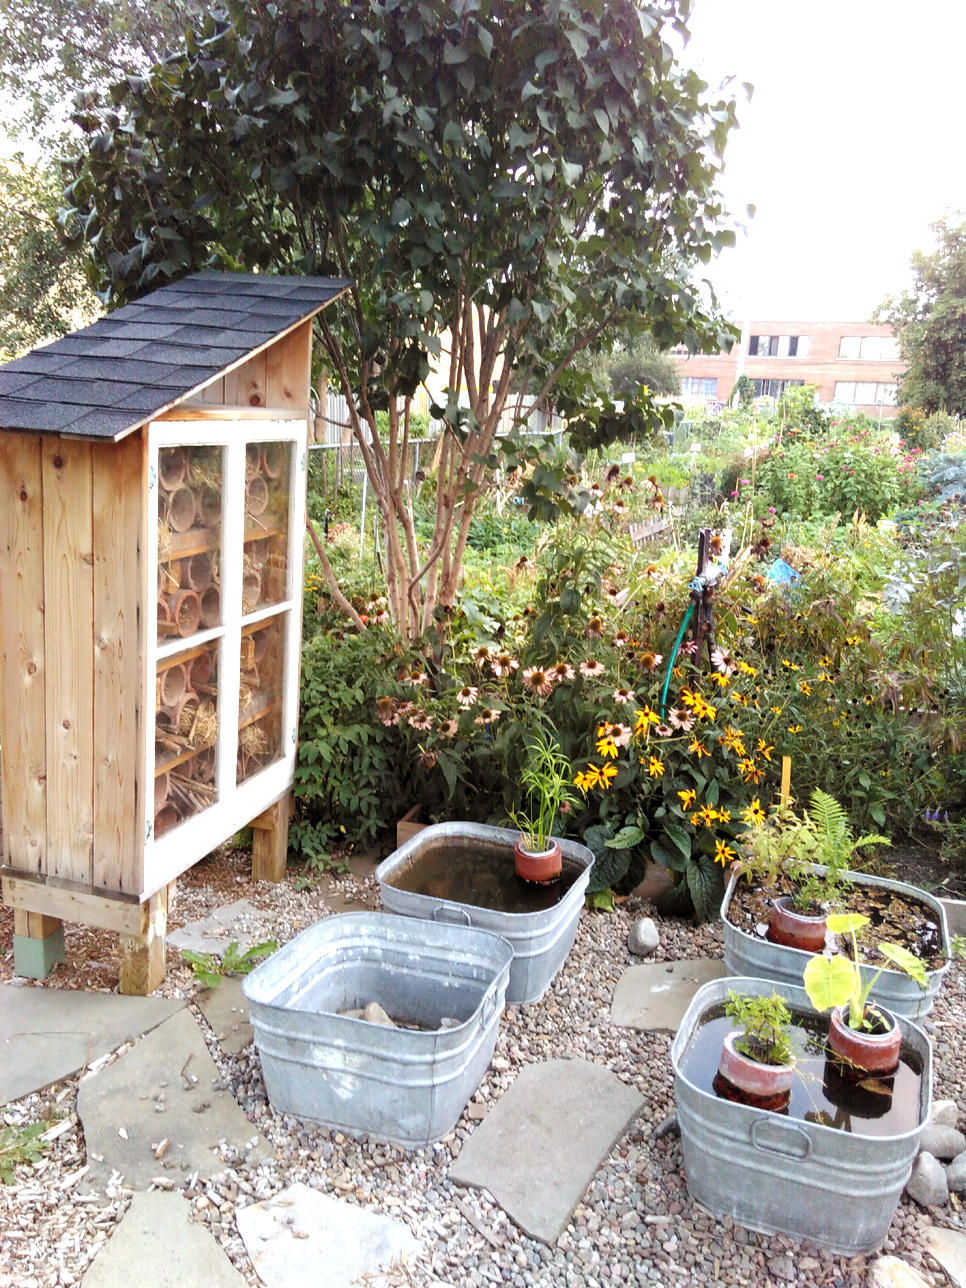 espace jeune du jardin communautaire basile patenaude un bel exemple de jardin p dagogique. Black Bedroom Furniture Sets. Home Design Ideas